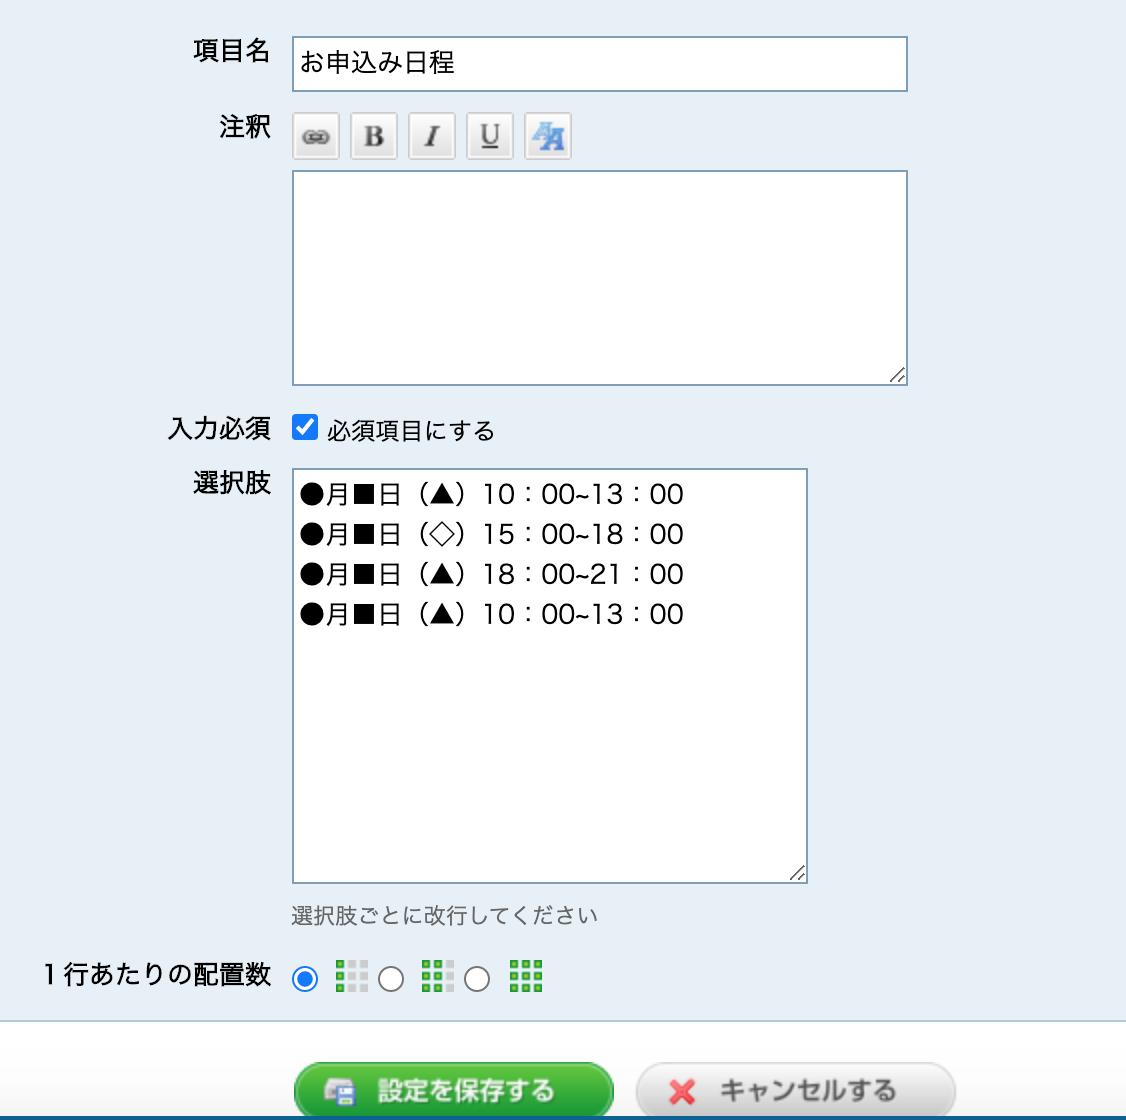 フォームメーラー,無料フォーム,フォーム作成,大町俊輔